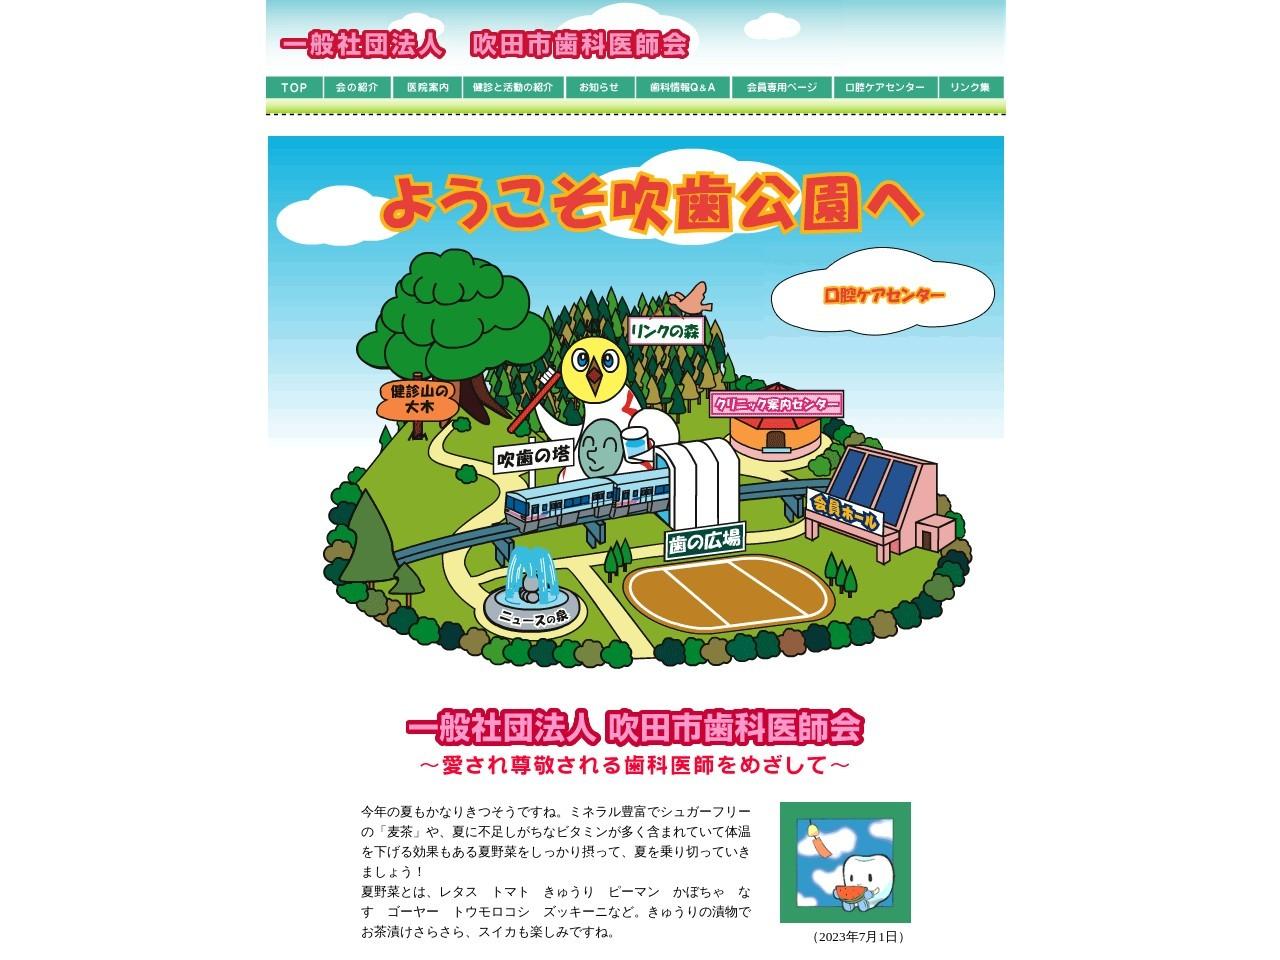 医療法人藤美会  ふじた歯科 (大阪府吹田市)